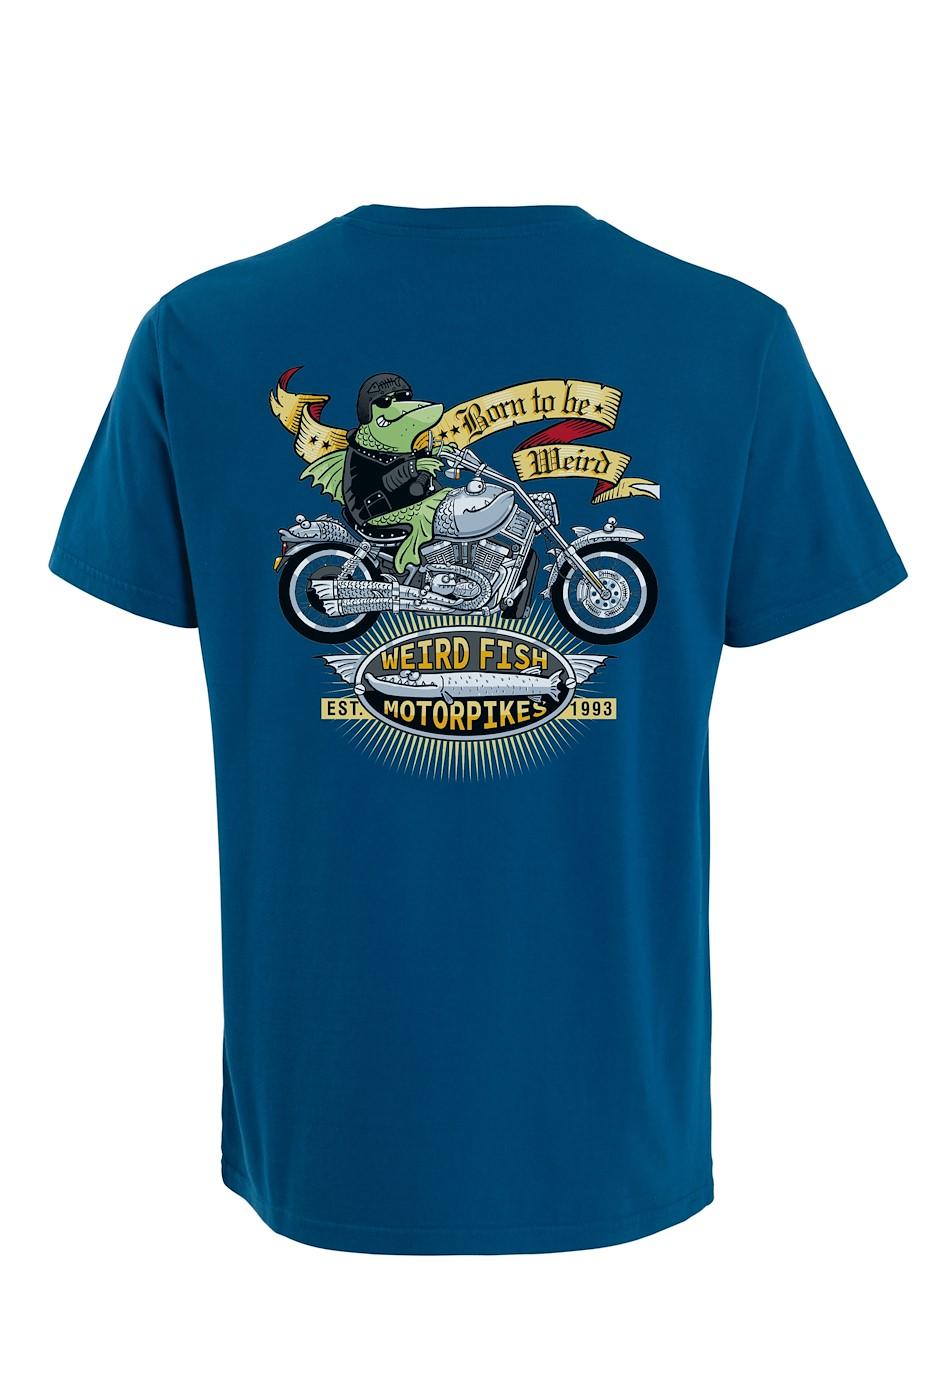 Motorpikes Artist T-Shirt Storm Blue